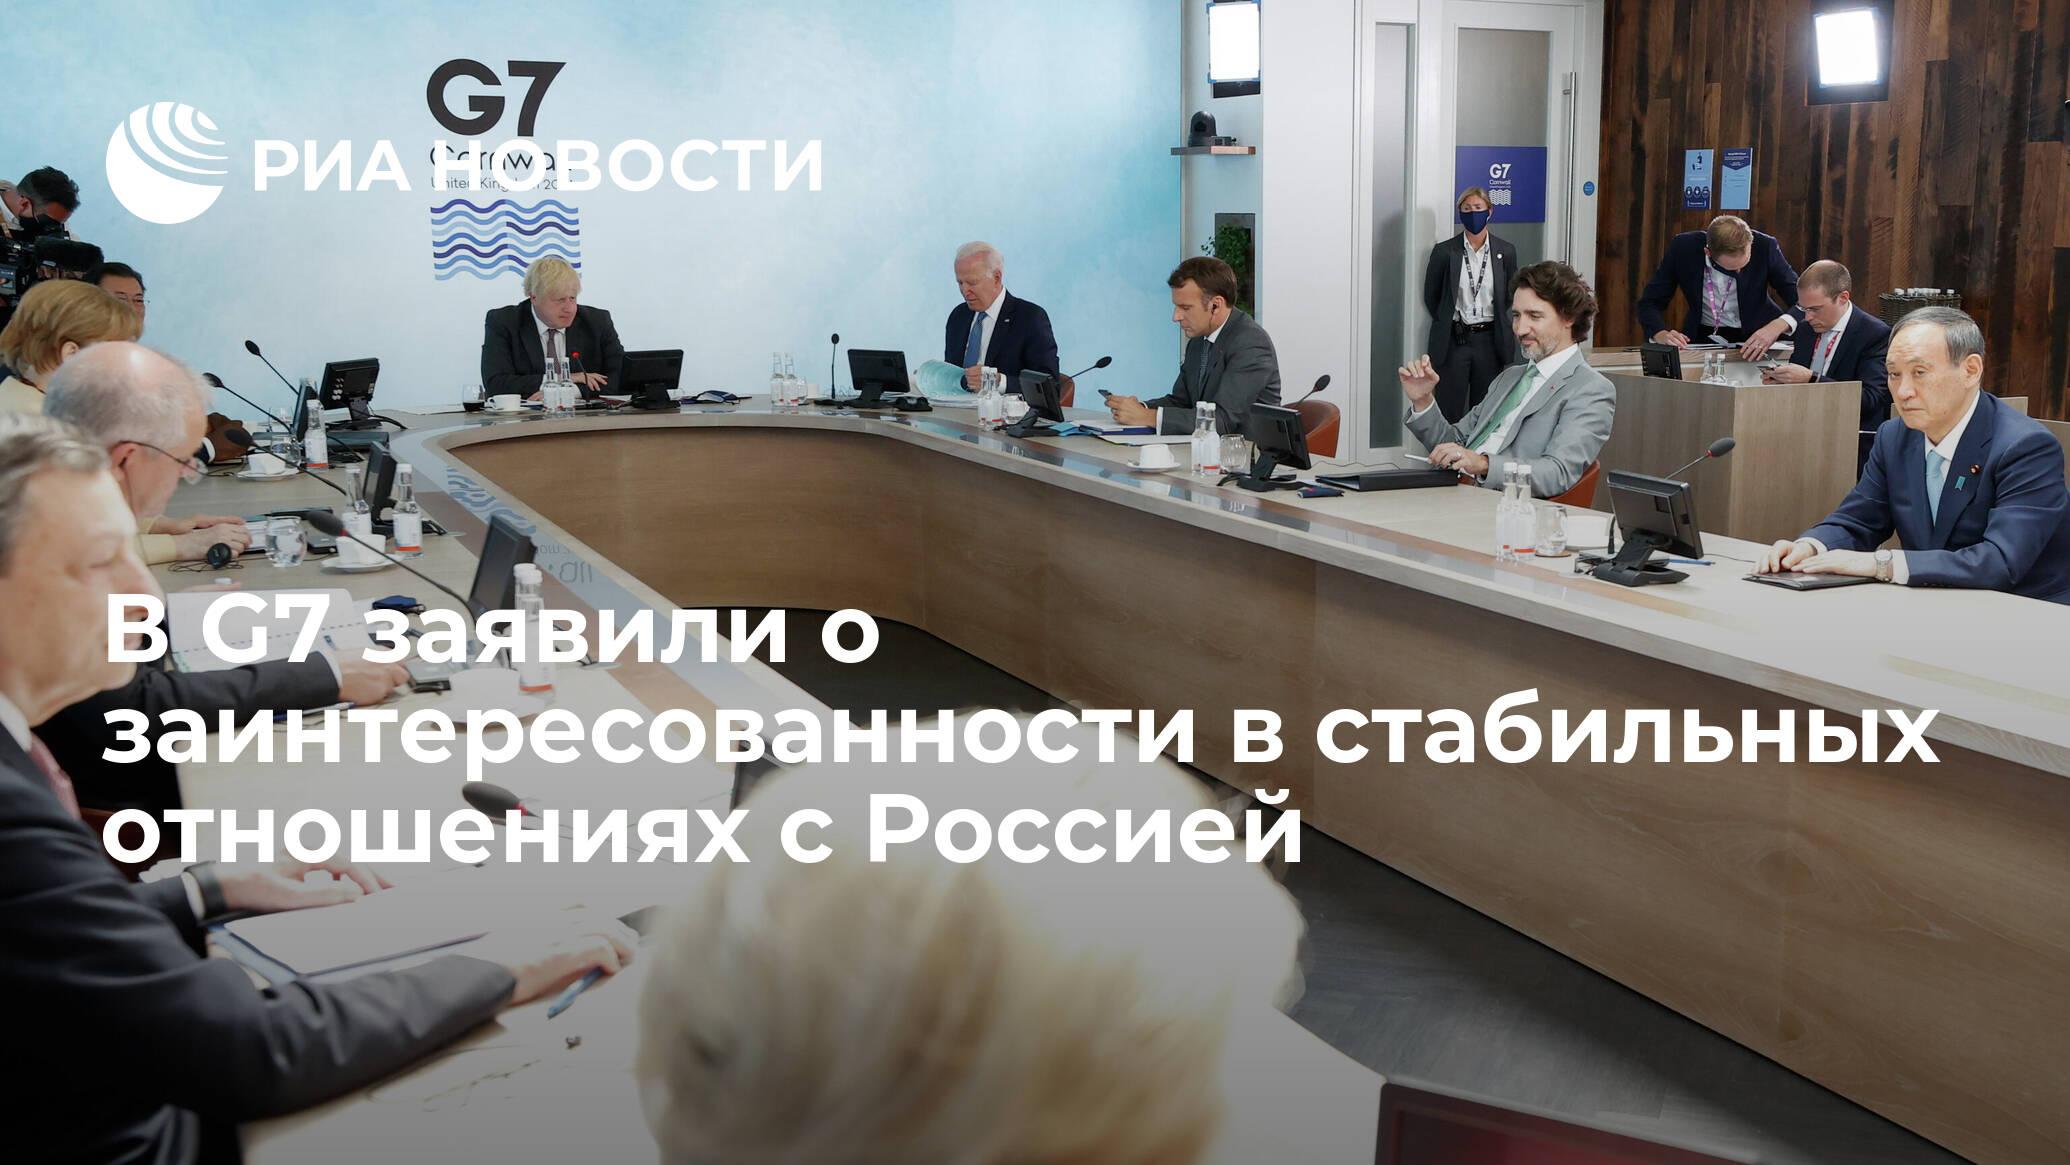 """Страны G7 заявили о заинтересованности в """"стабильных и предсказуемых"""" отношениях с Россией"""